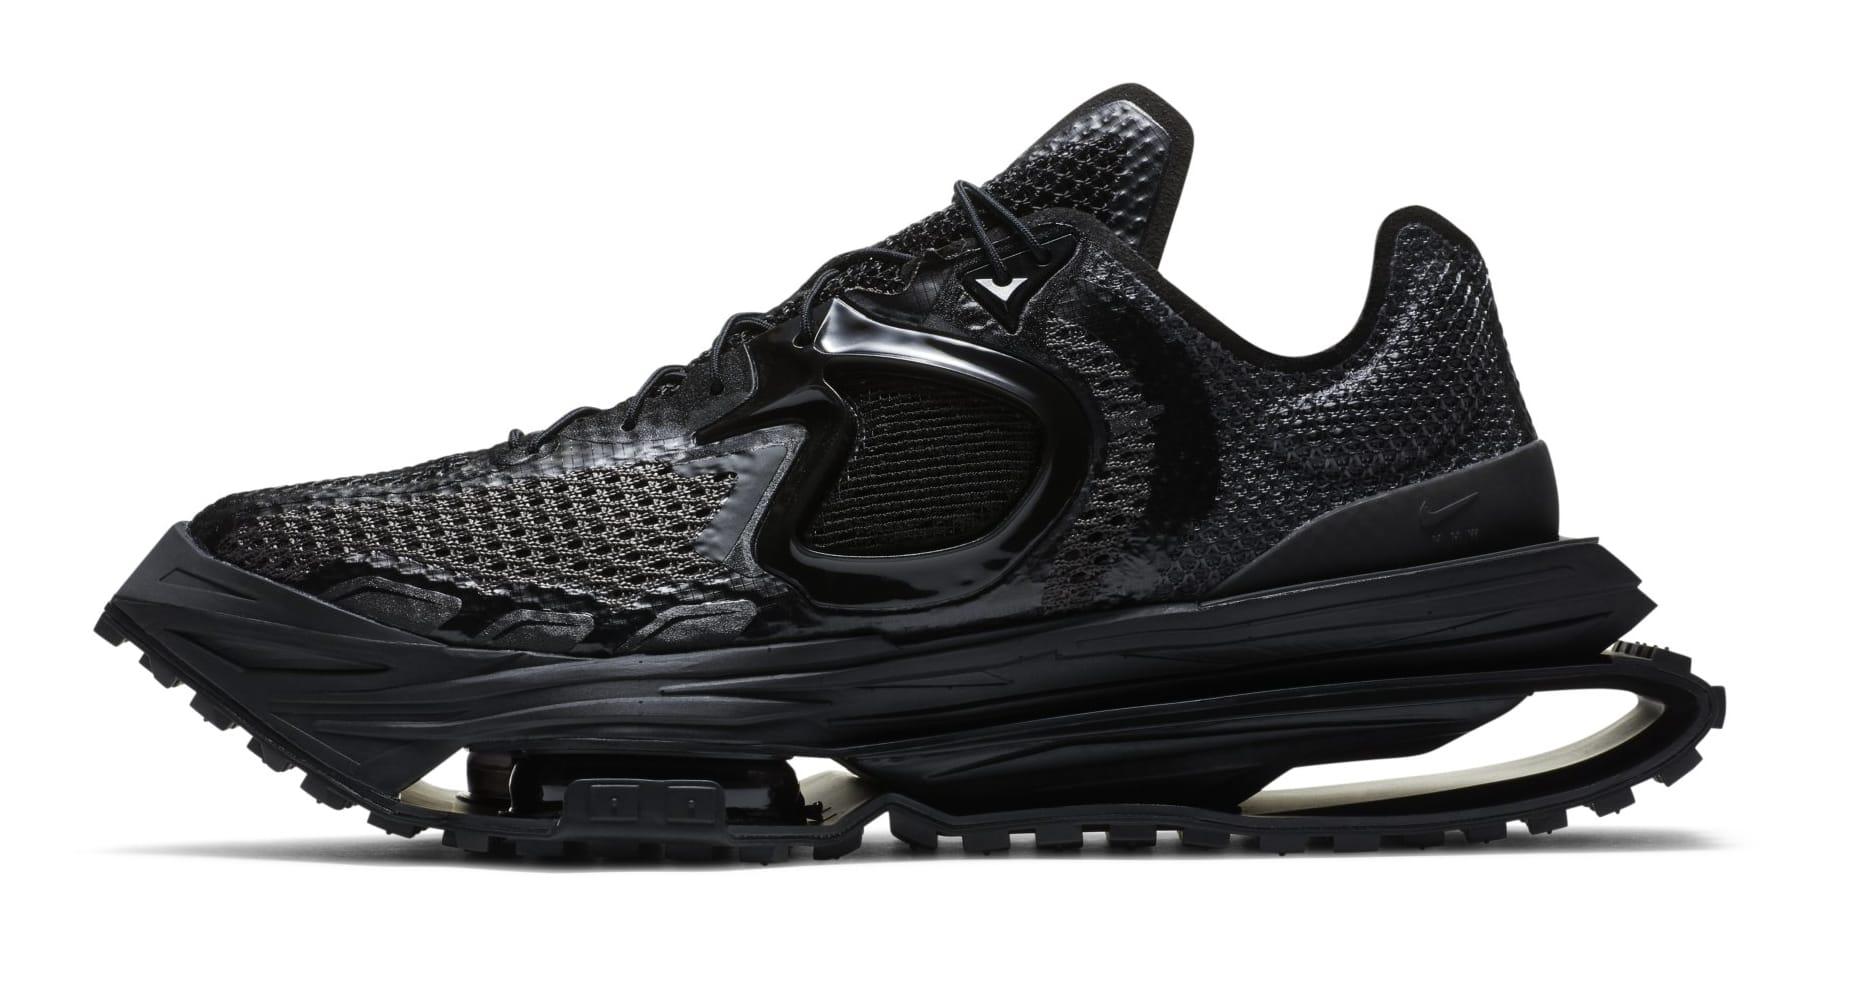 MMW x Nike Zoom 004 'Black'